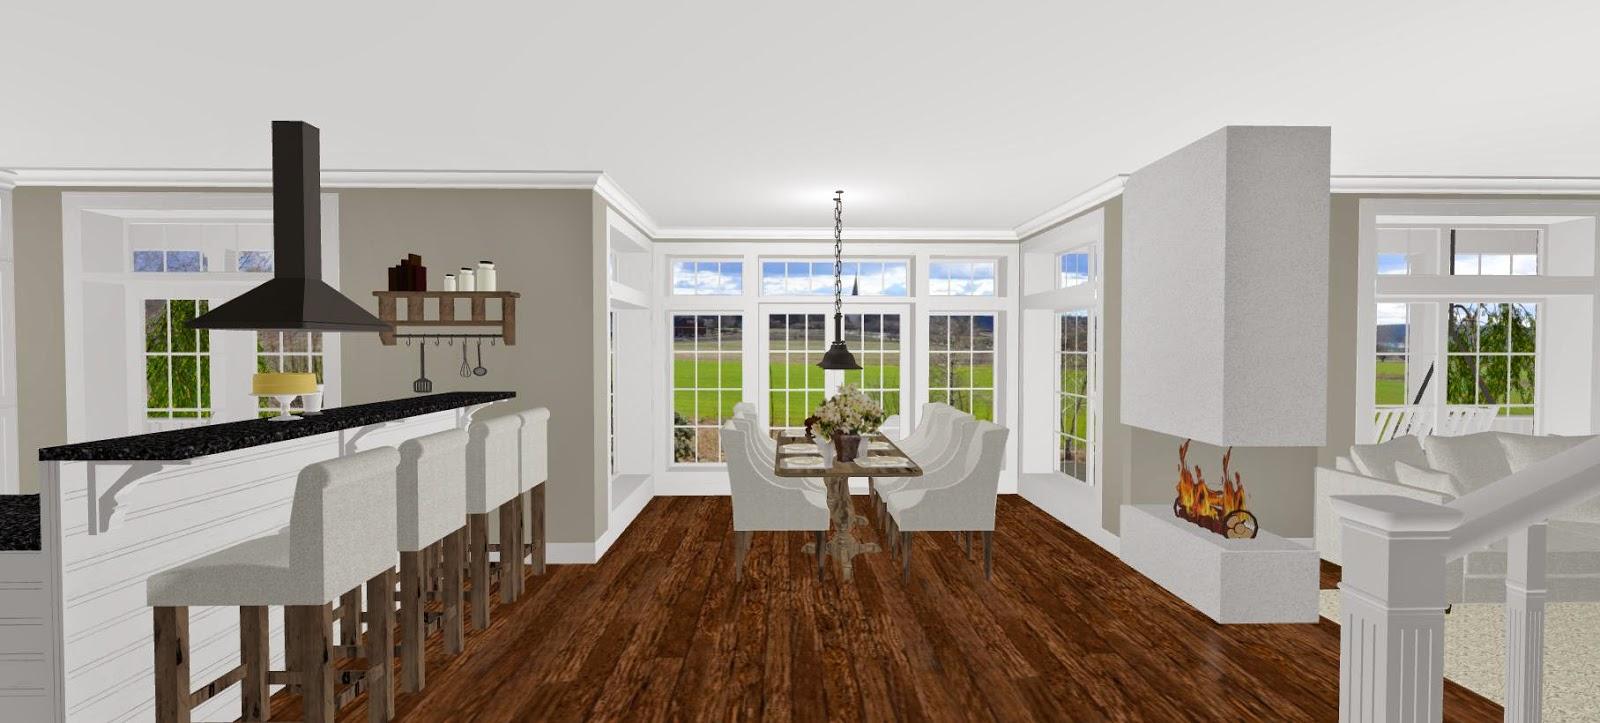 vardagsrum golv interi rinspiration och id er f r hemdesign. Black Bedroom Furniture Sets. Home Design Ideas